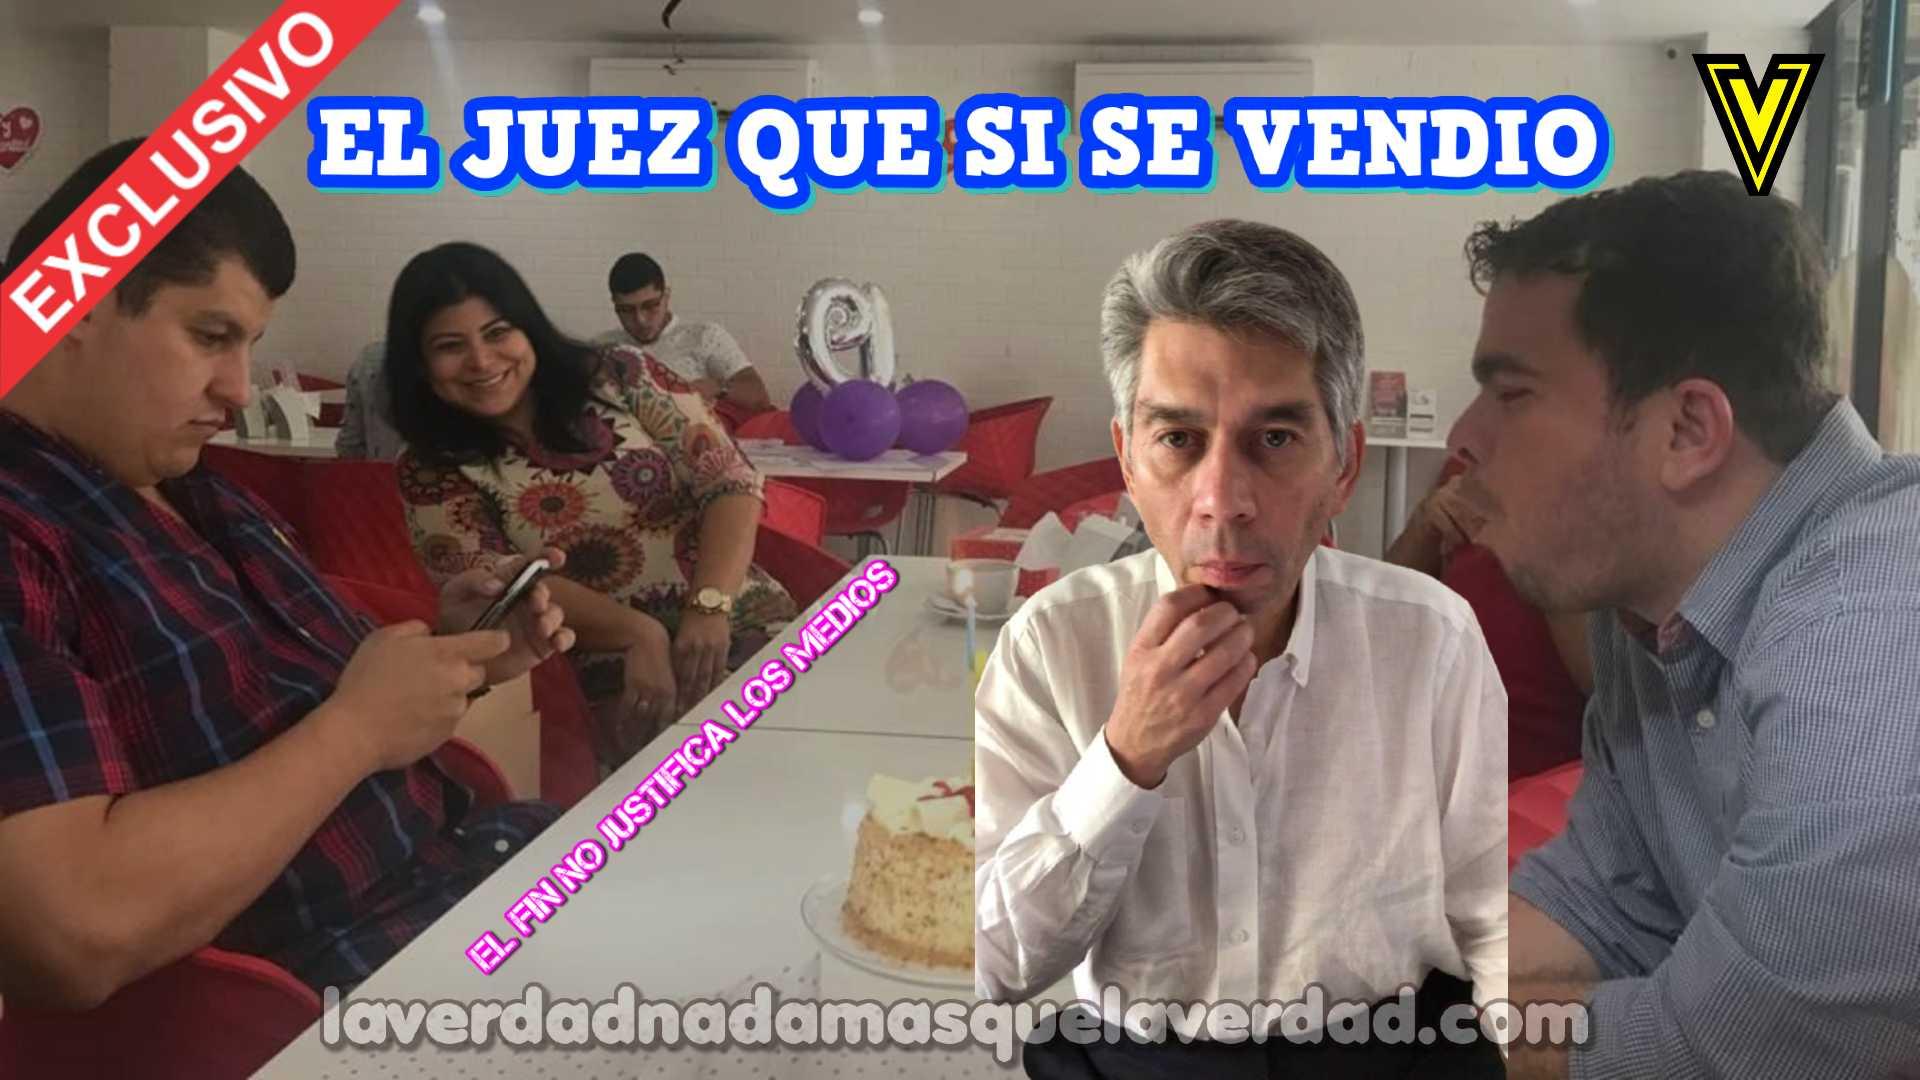 """EL JUEZ QUE SI SE VENDIO. ANDRES RODRÍGUEZ CAEZ DANIEL CORONELL EDUARDO PULGAR 3 """"IMPOLUTOS"""""""